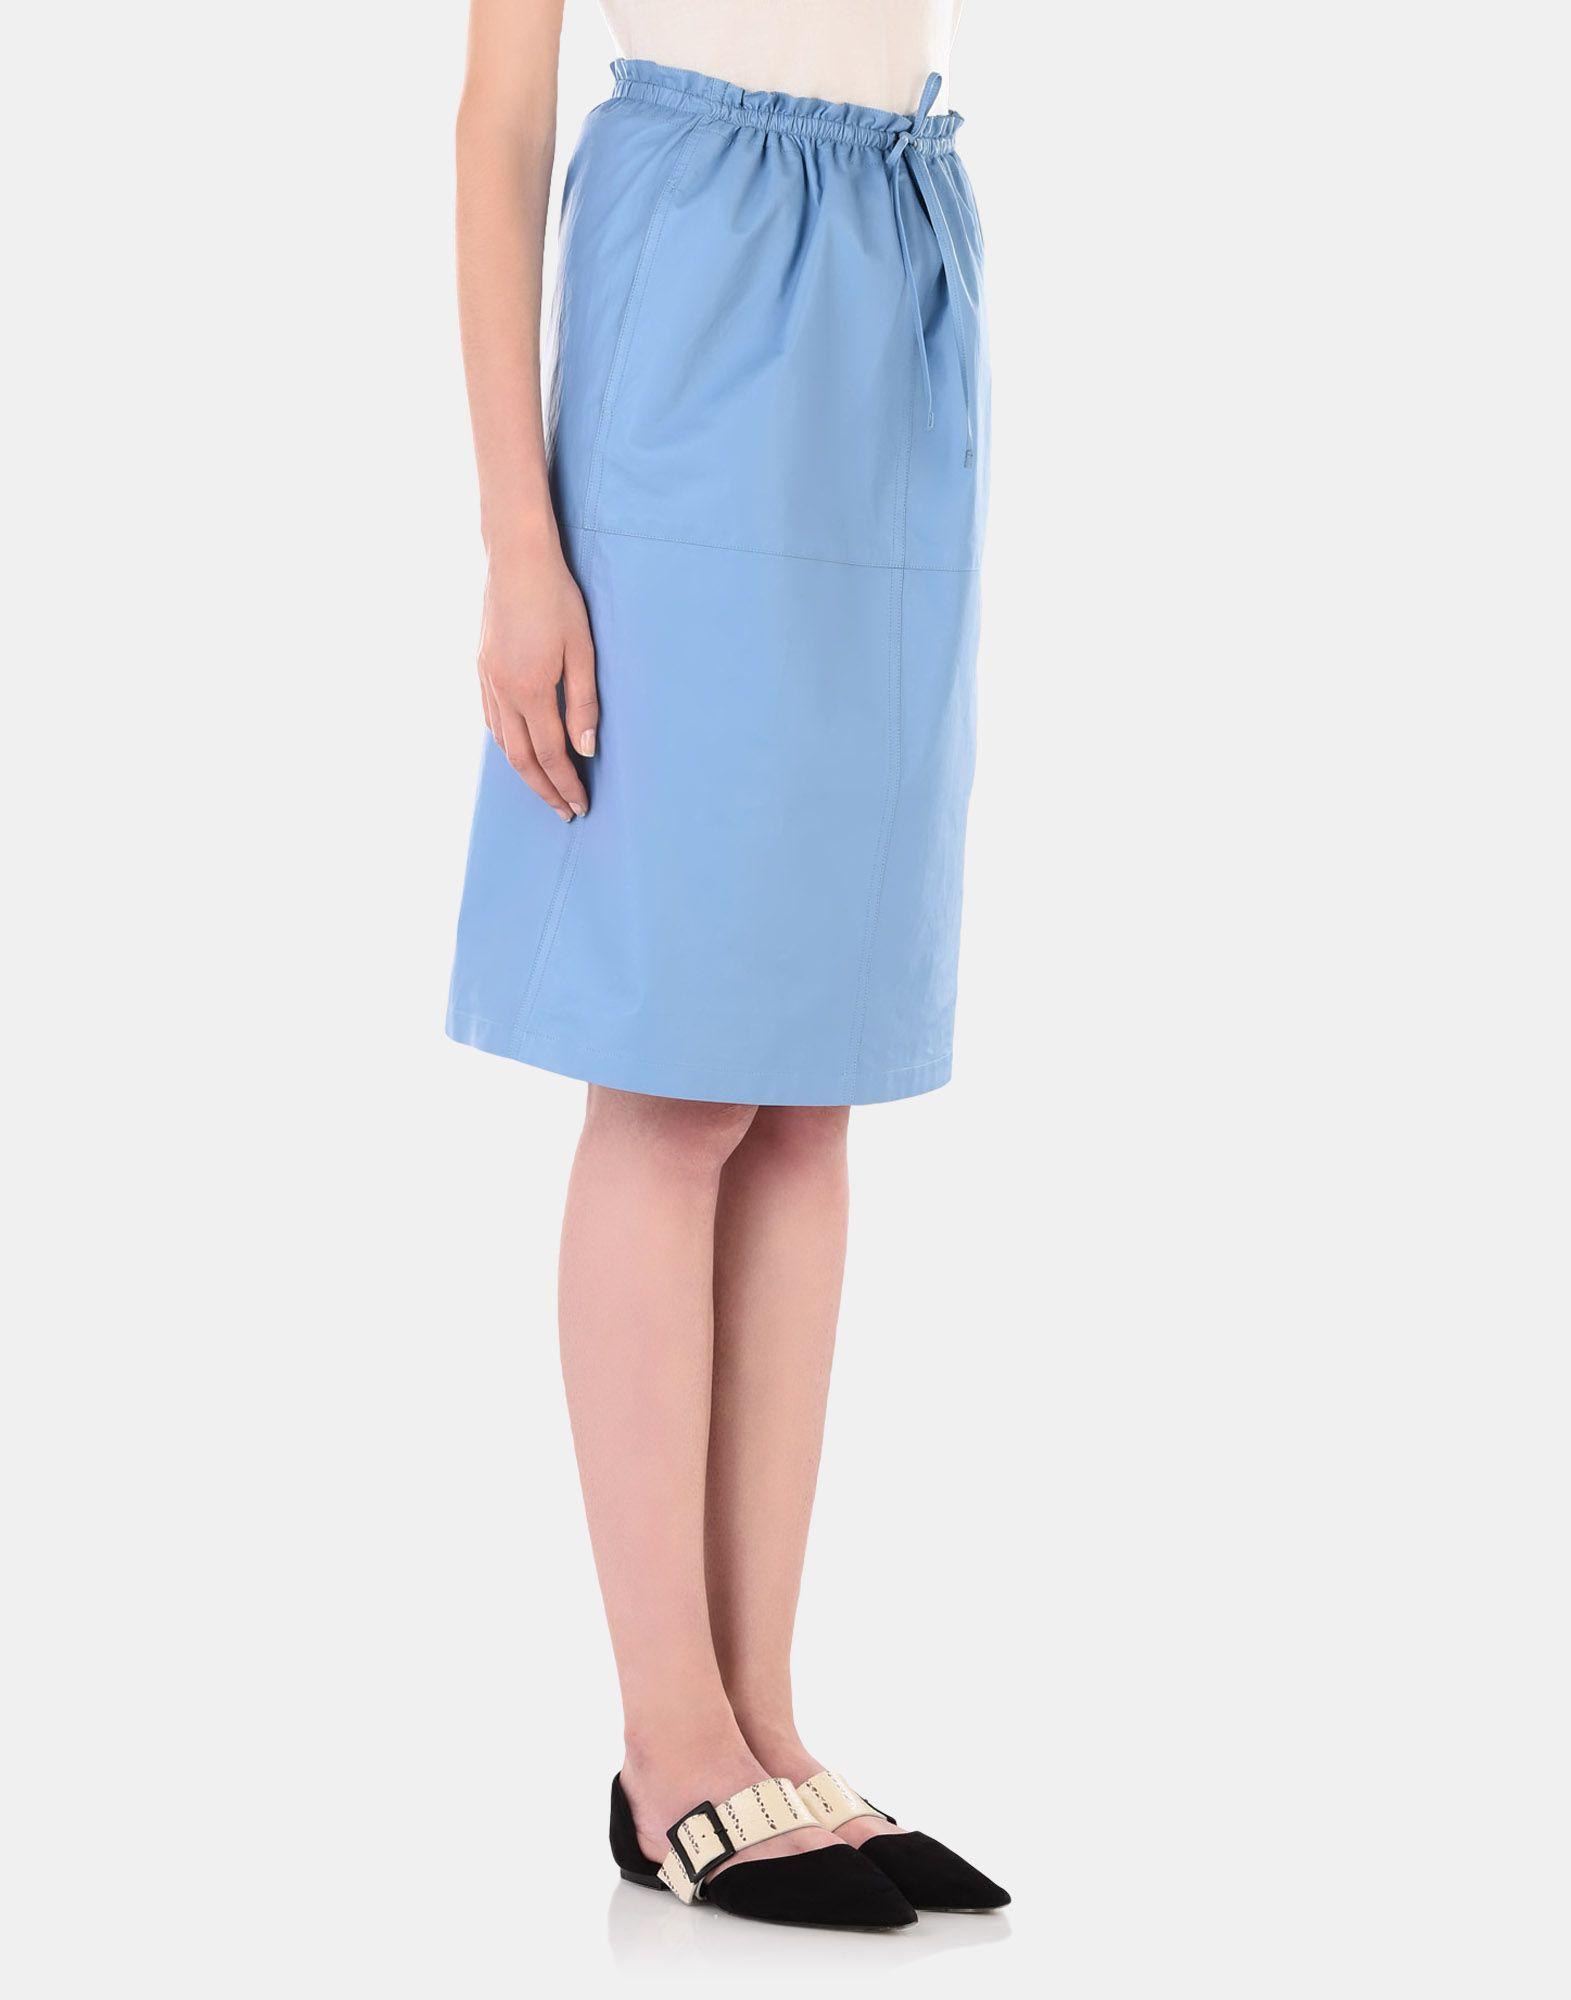 Leather skirt - JIL SANDER Online Store